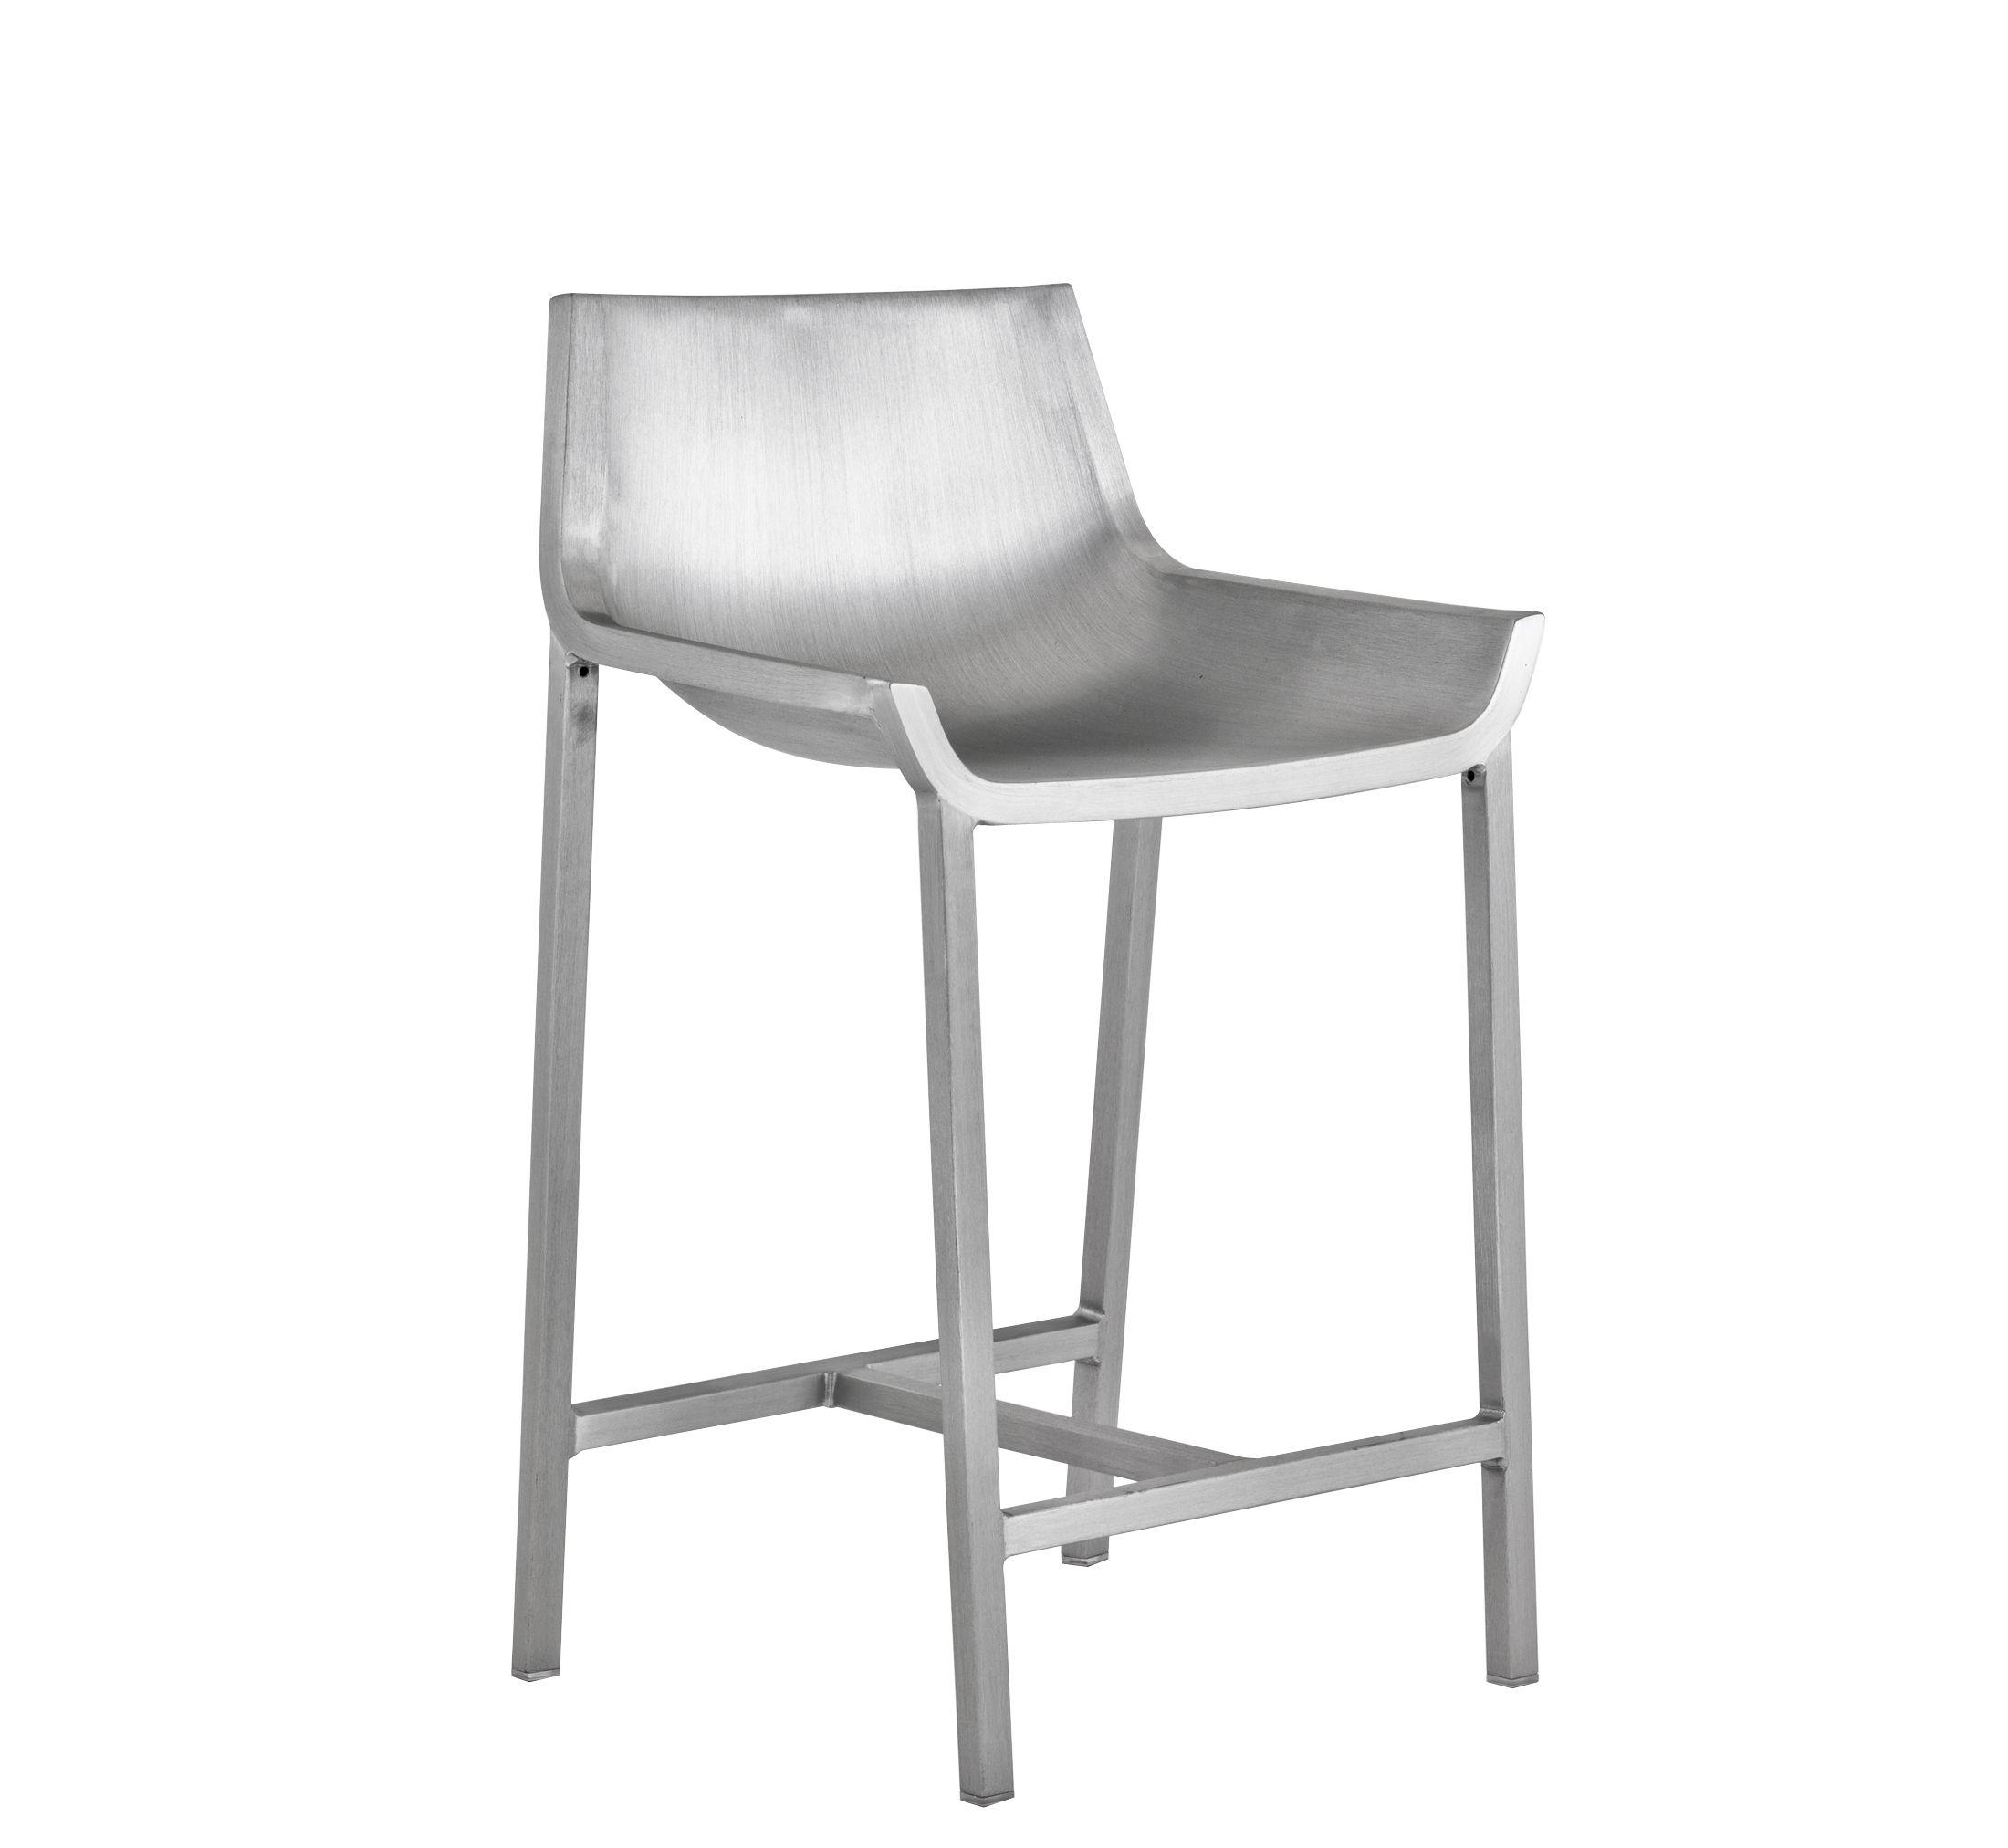 Arredamento - Sgabelli da bar  - Sedia da bar Sezz di Emeco - Alluminio spazzolato - Aluminium recyclé finition brossé